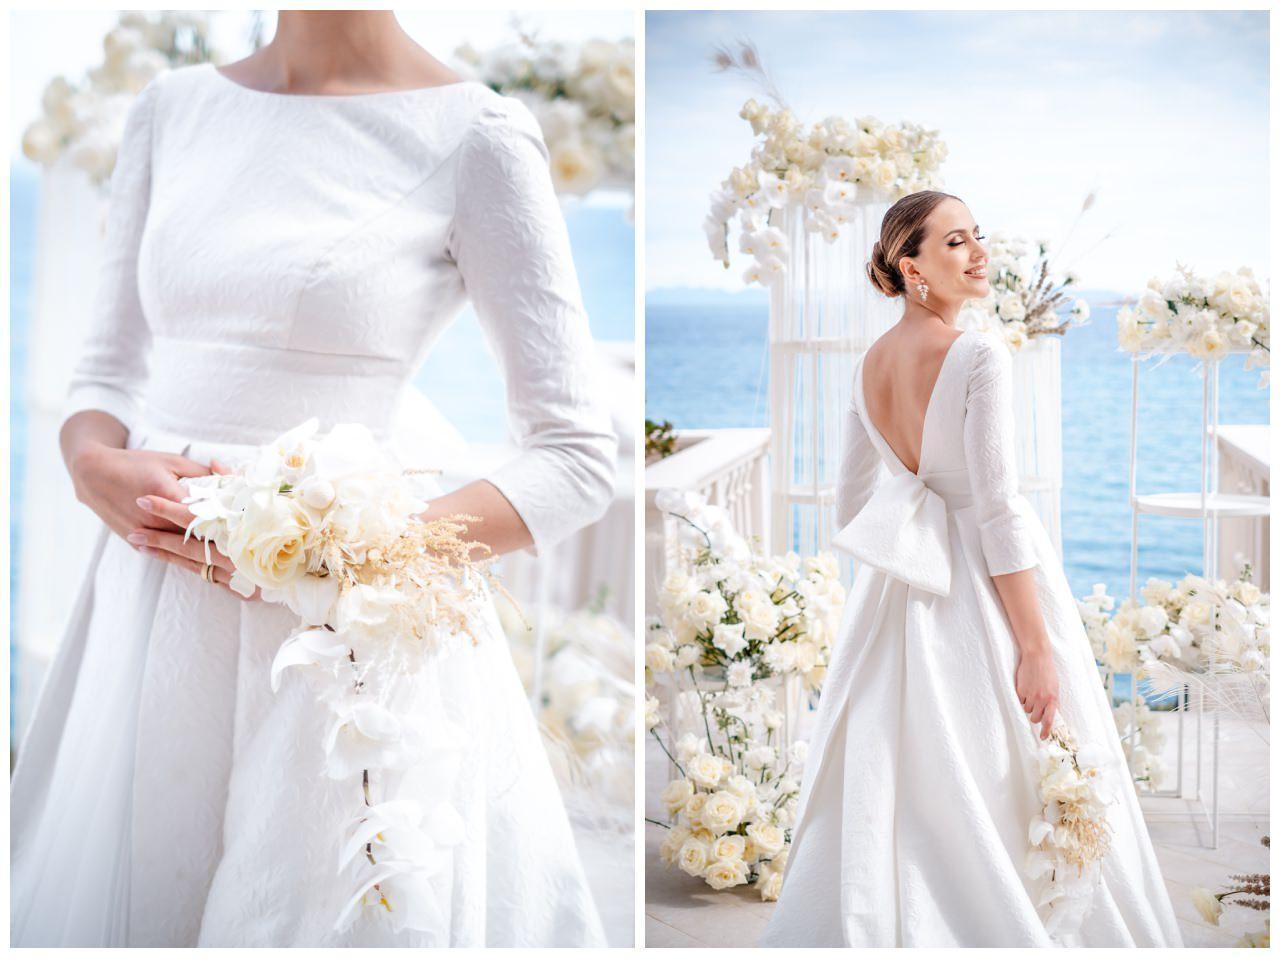 Hochzeit Kroatien Hochzeitsplanung Hochzeitsplaner Fotograf 11 - Luxuriöse Hochzeit in Weiß